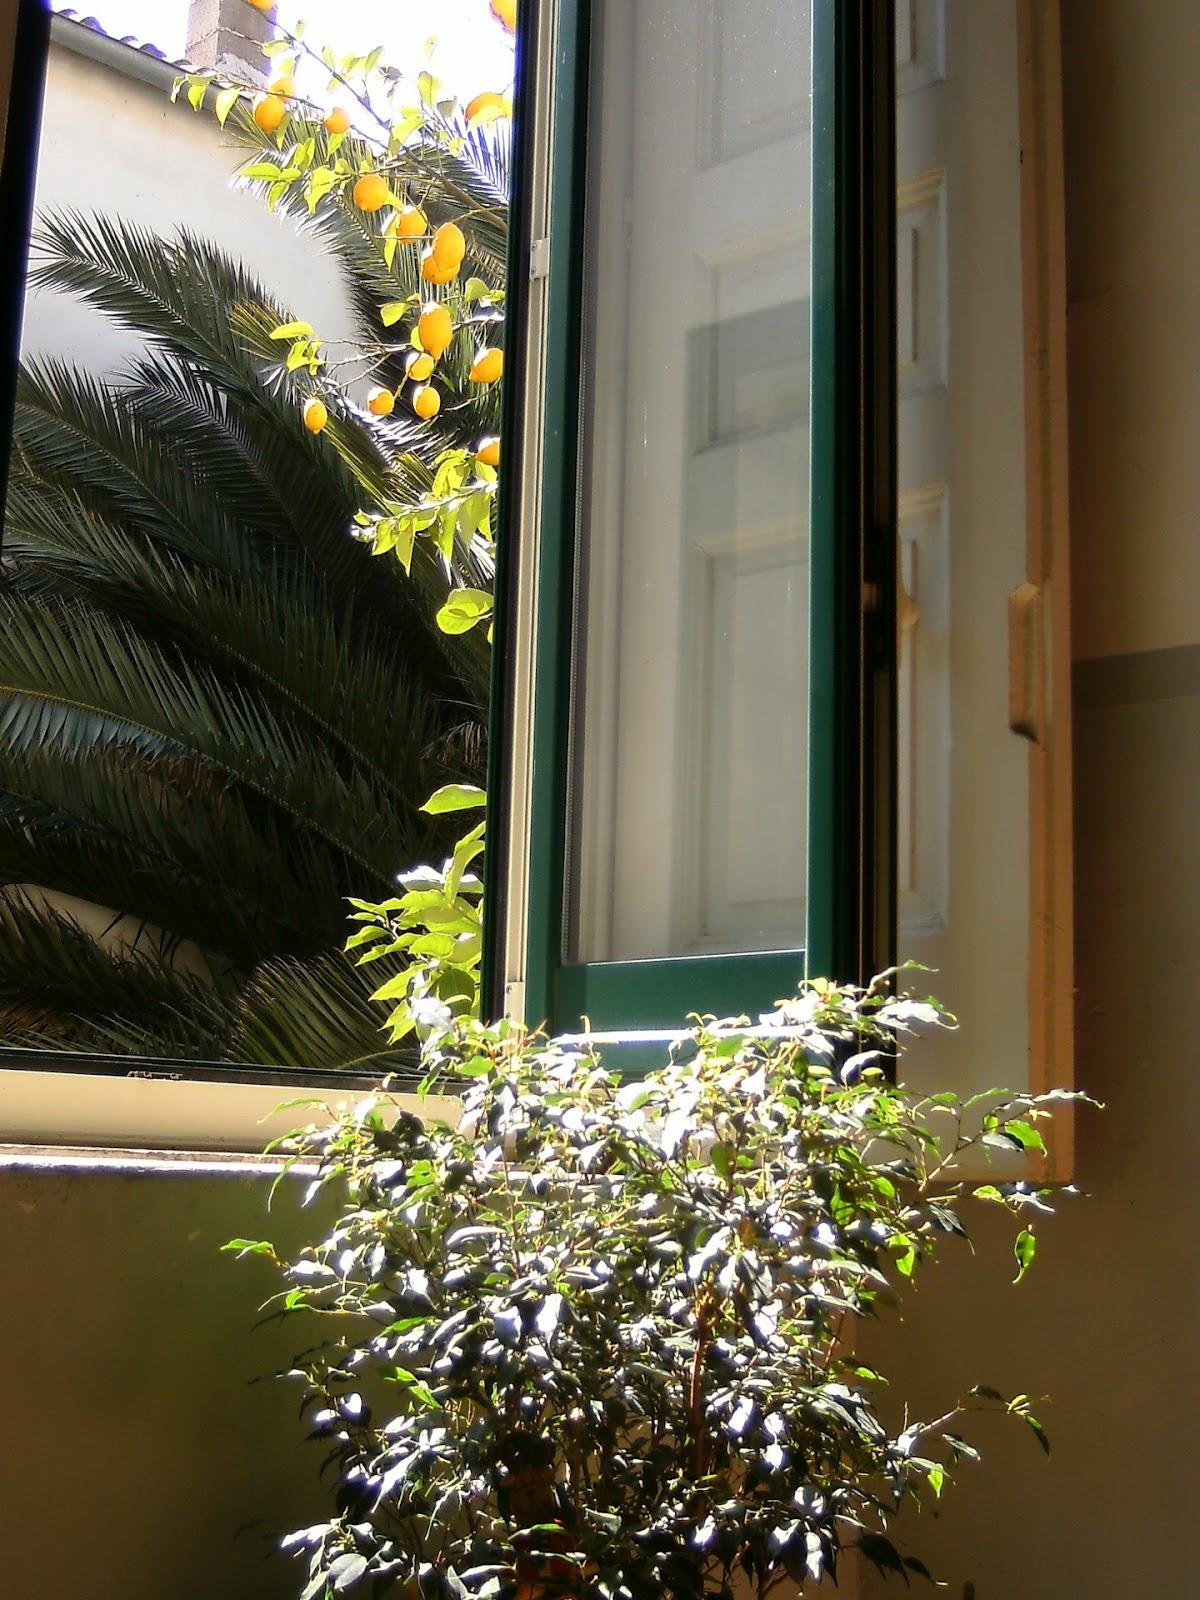 Torte e dintorni r m t casa tenore - Su di esso si esce da una porta finestra ...